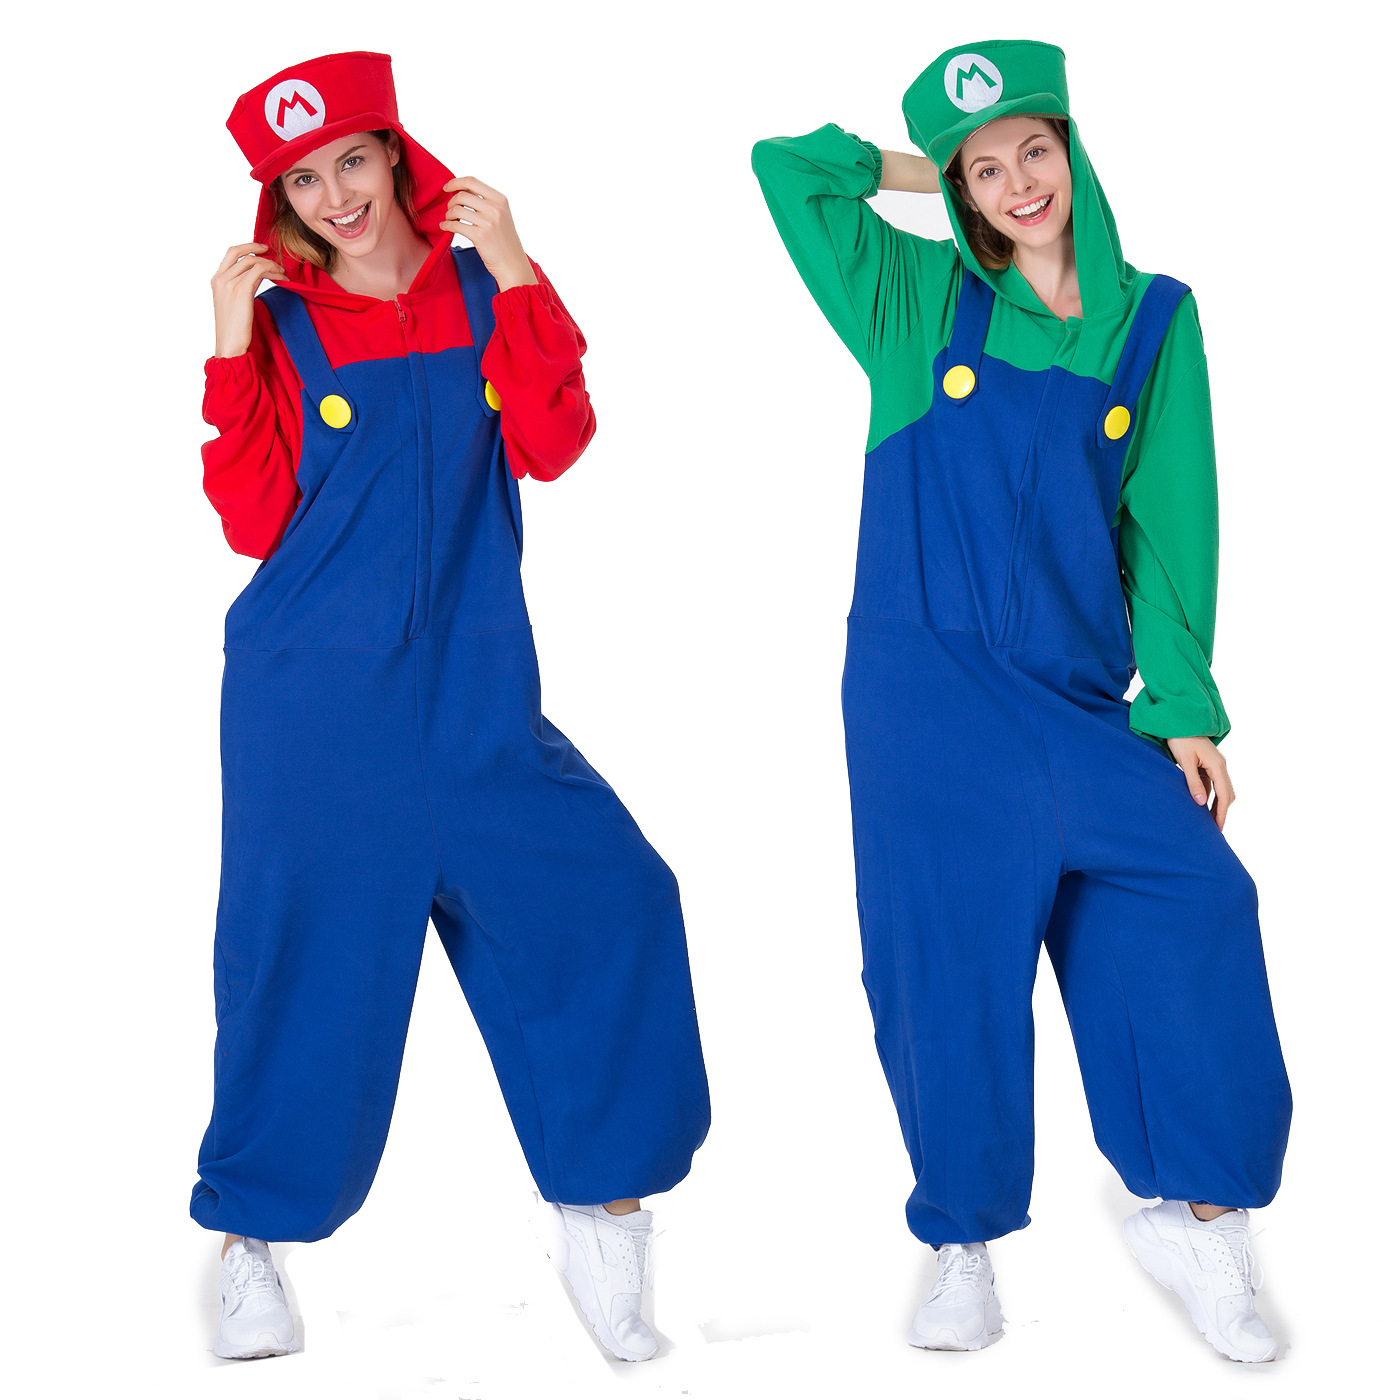 コスプレはハロウィンの衣装で、マリオールの水道労働者がゲームをする服です。